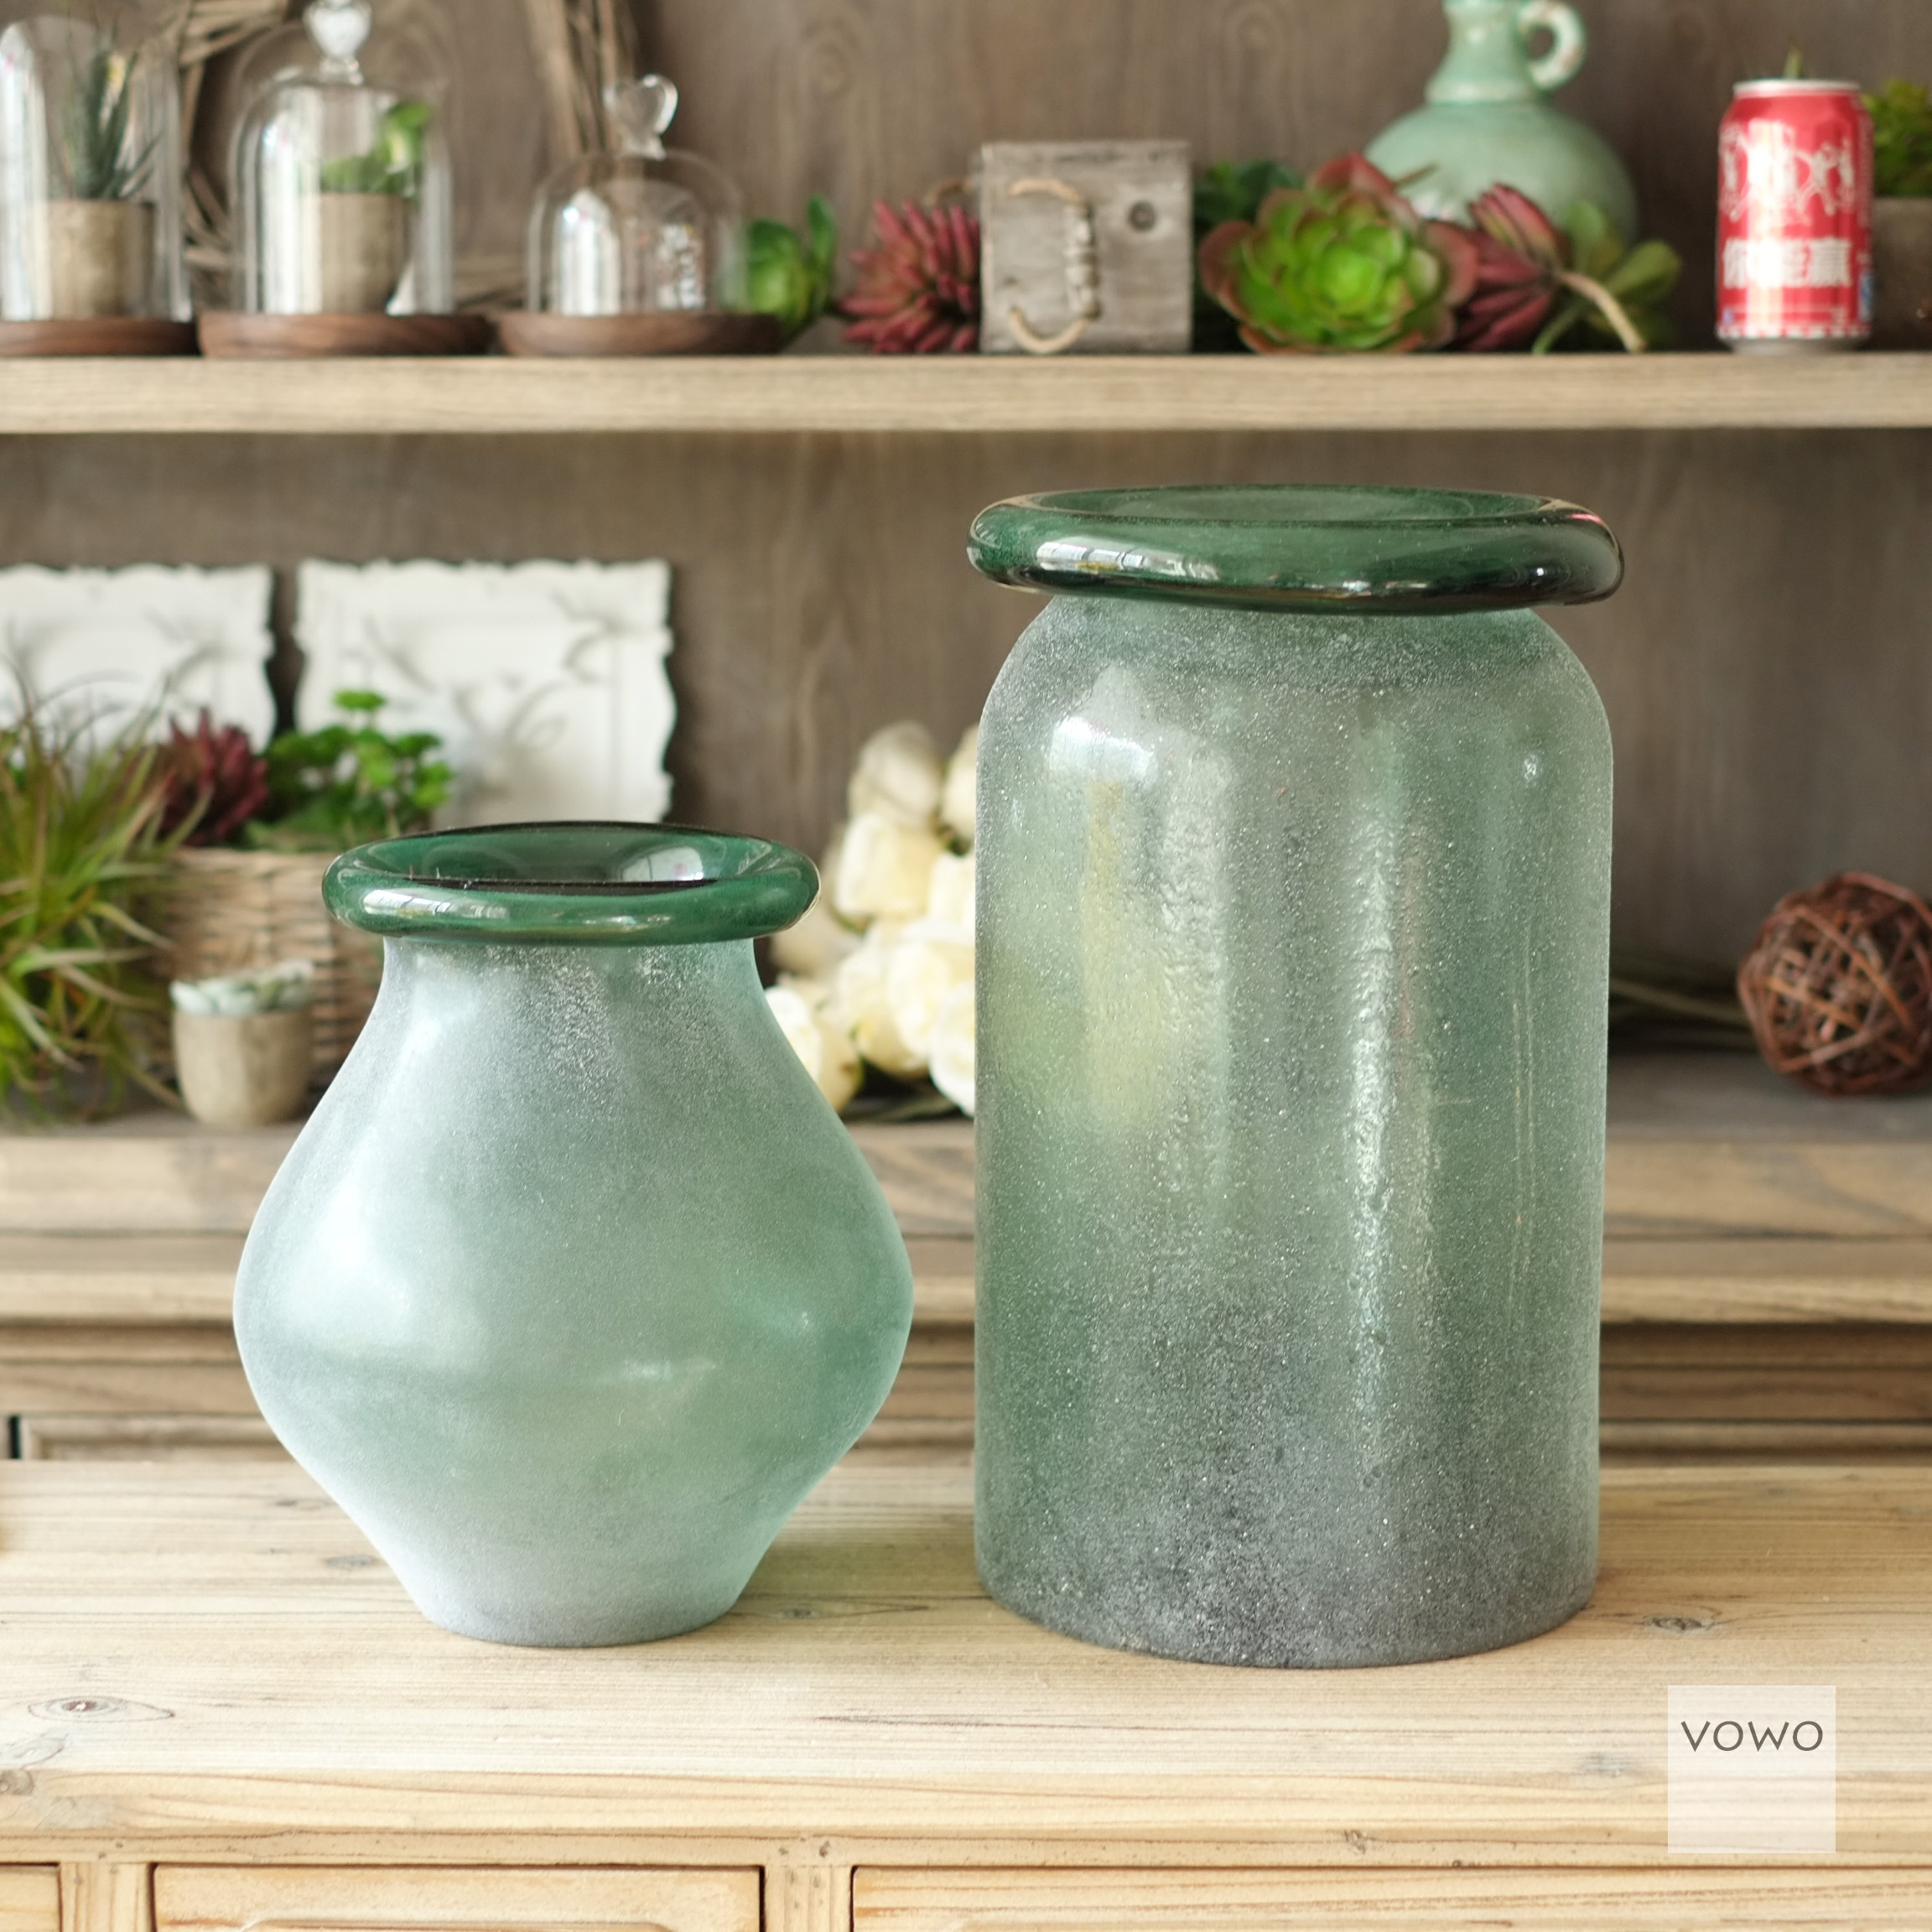 清仓甩卖 磨砂手工拉毛玻璃花瓶做旧吹制翻口花器复古摆件